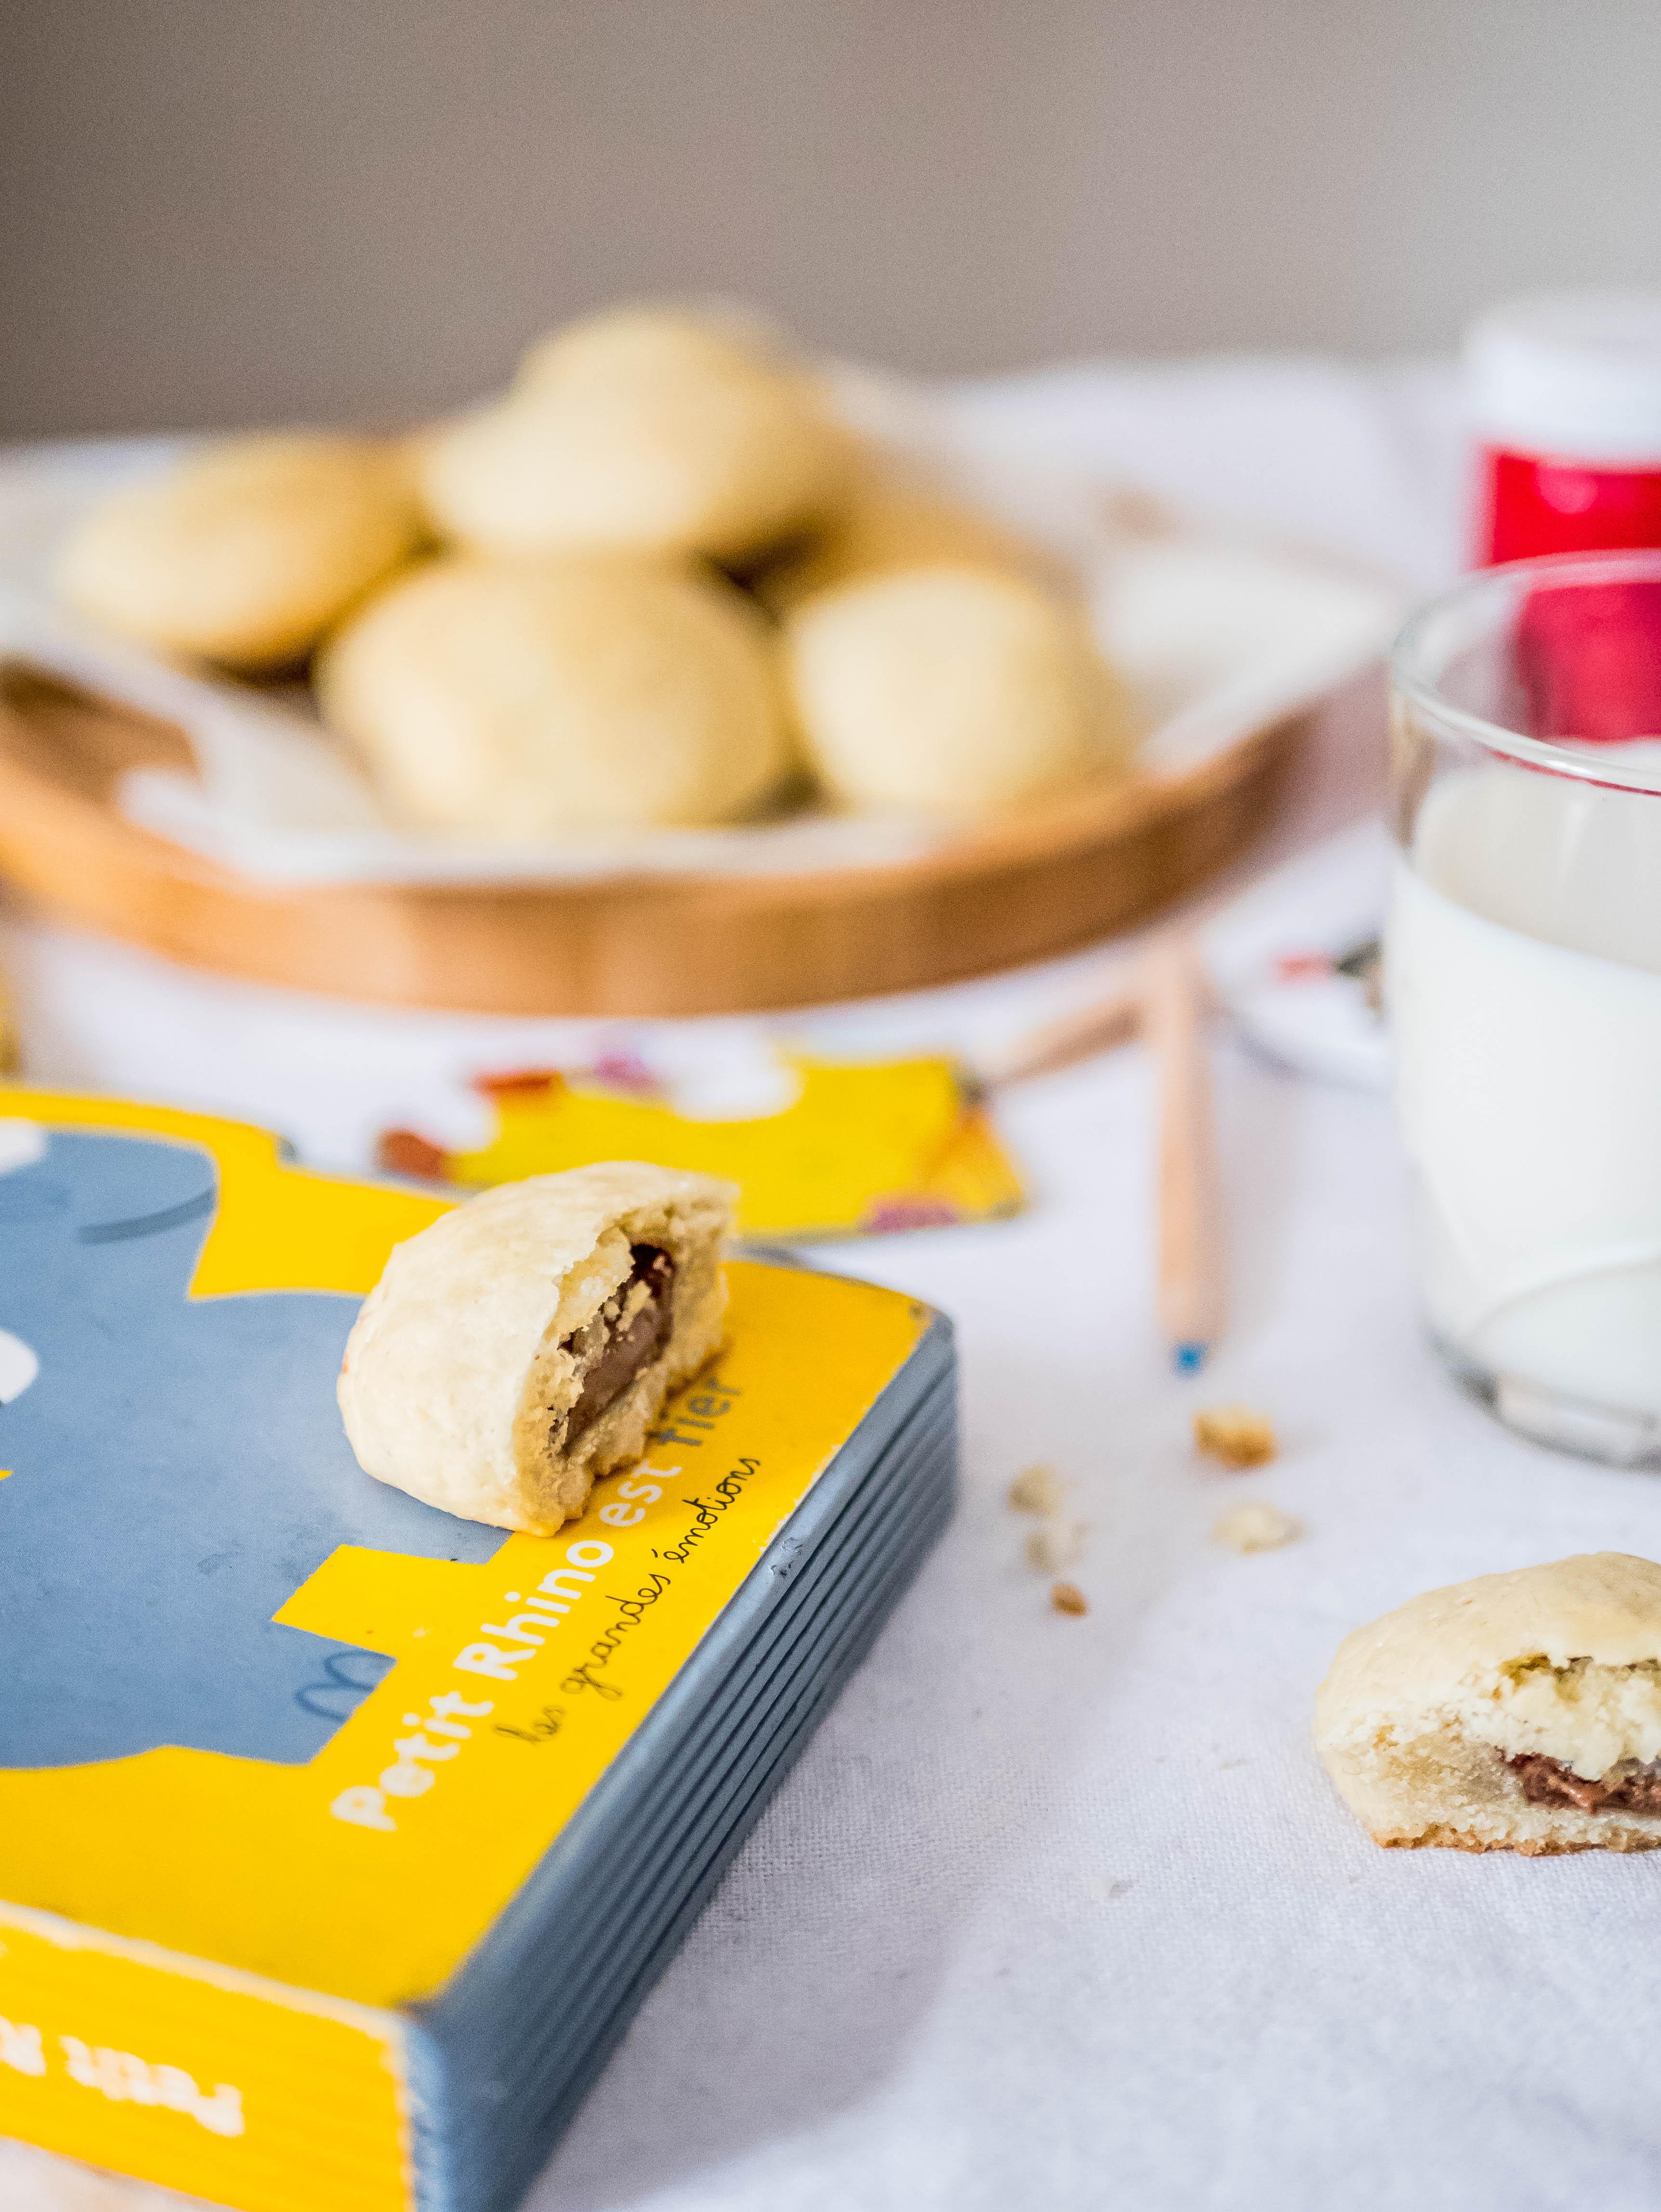 Biscuits fourrés au praliné